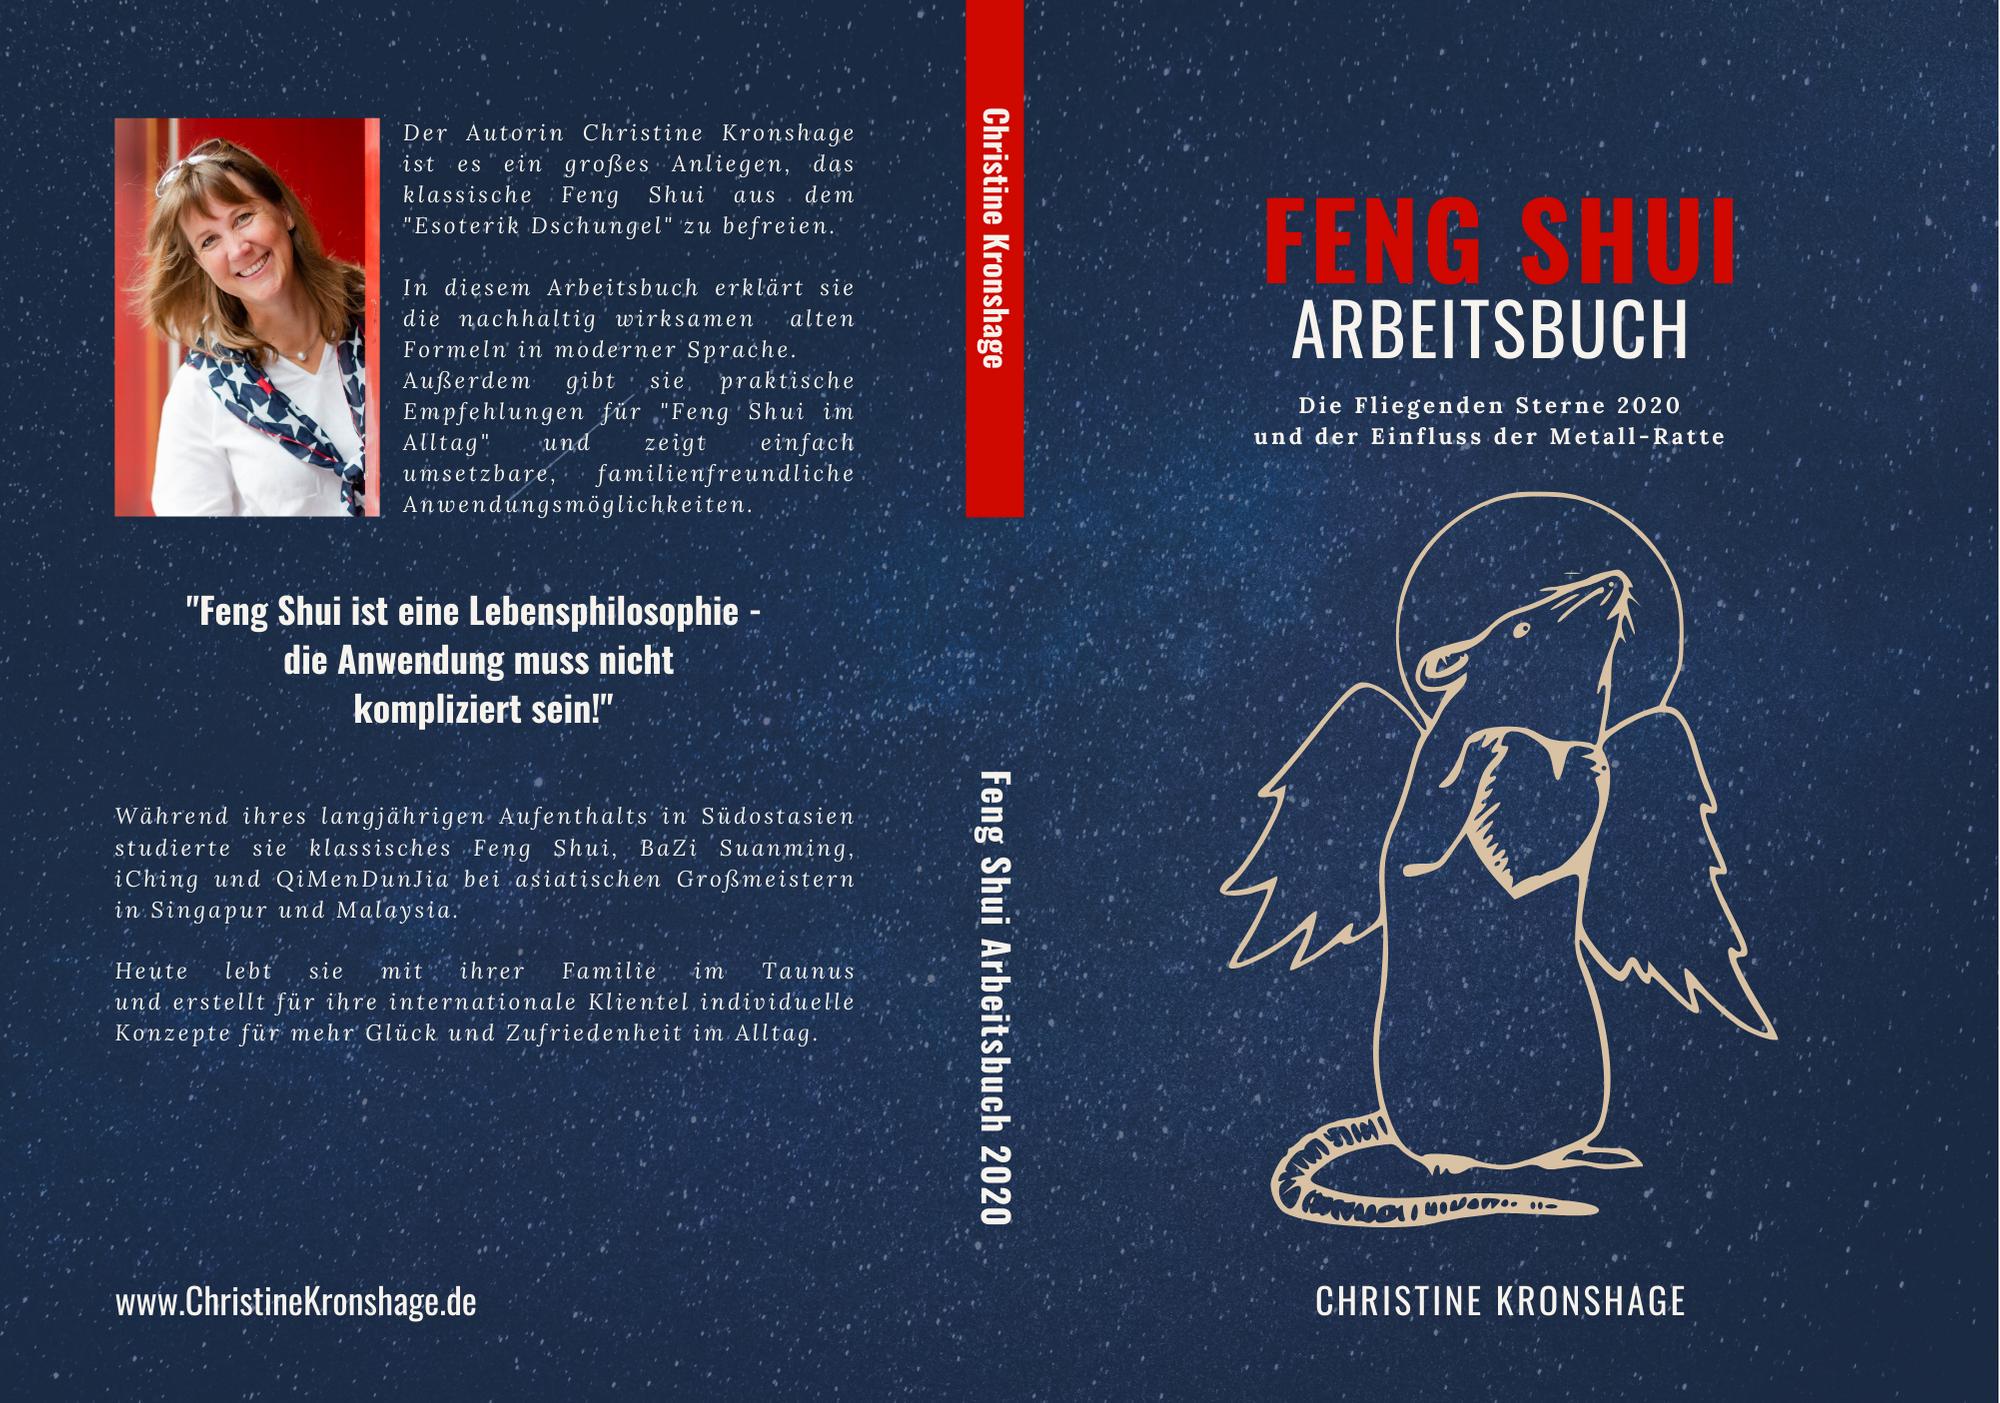 Feng Shui Arbeitsbuch 2020 von Christine Kronshage